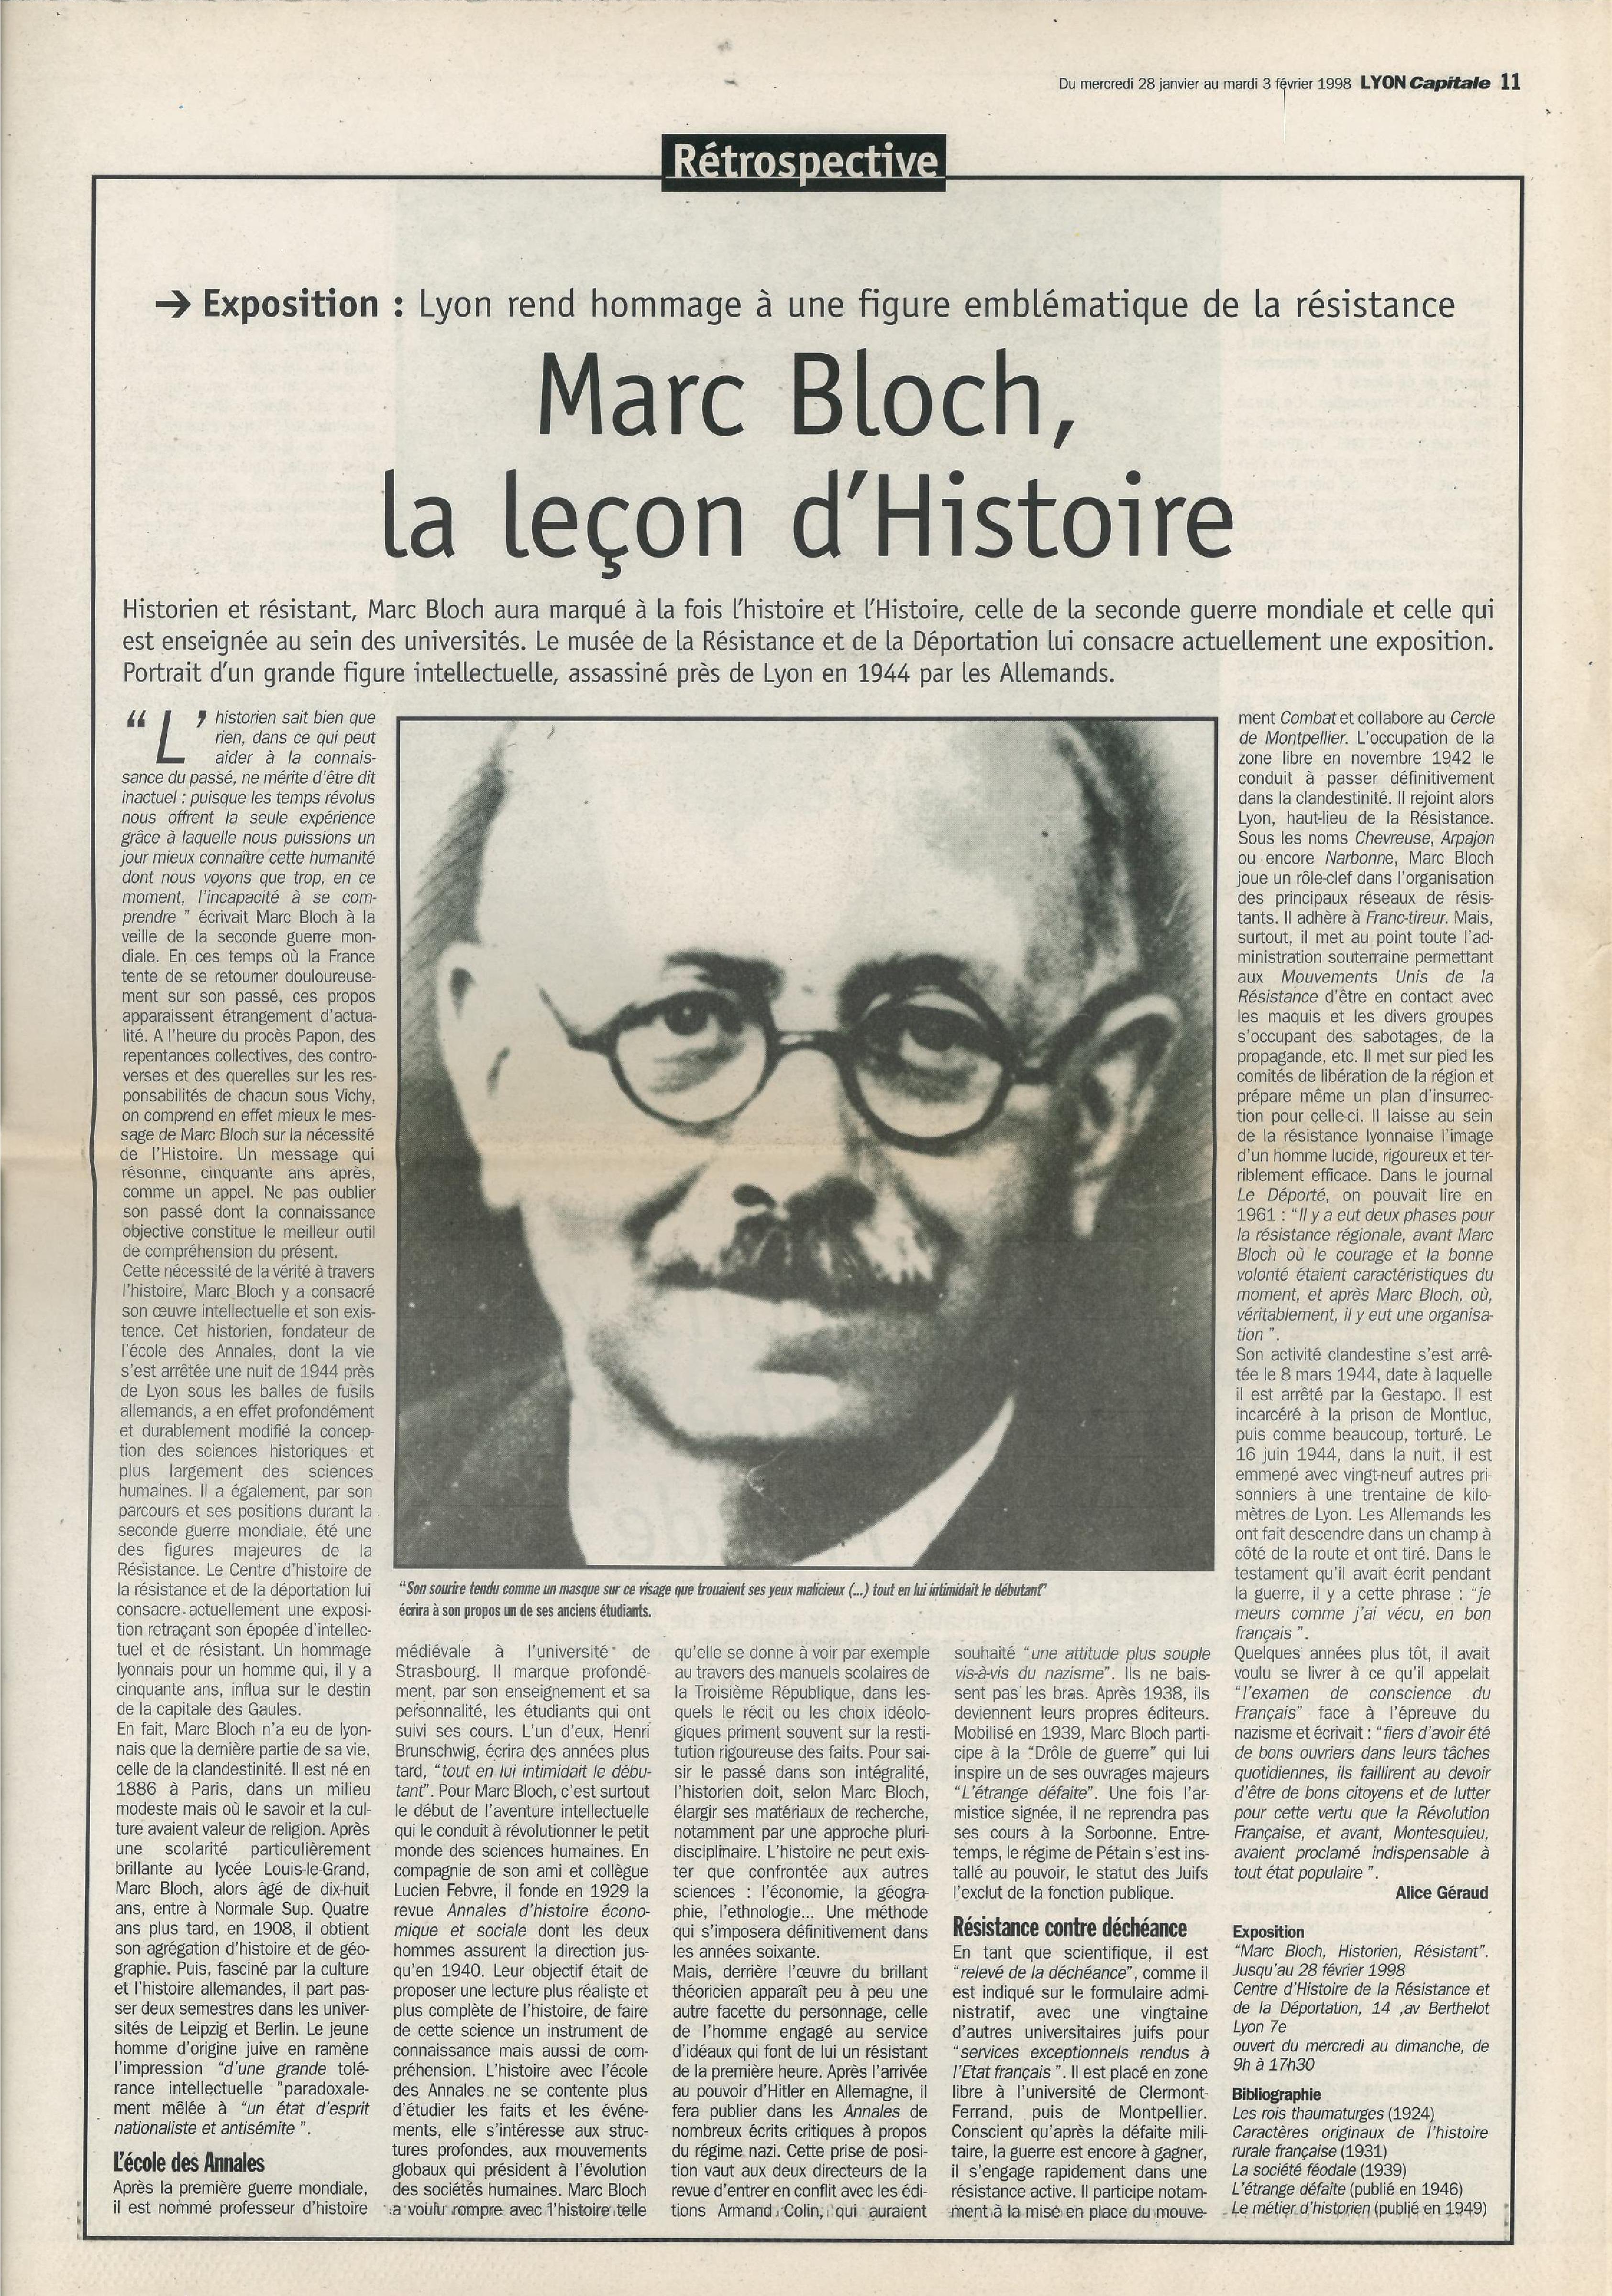 Il y a 20 ans : Marc Bloch, la leçon d'Histoire